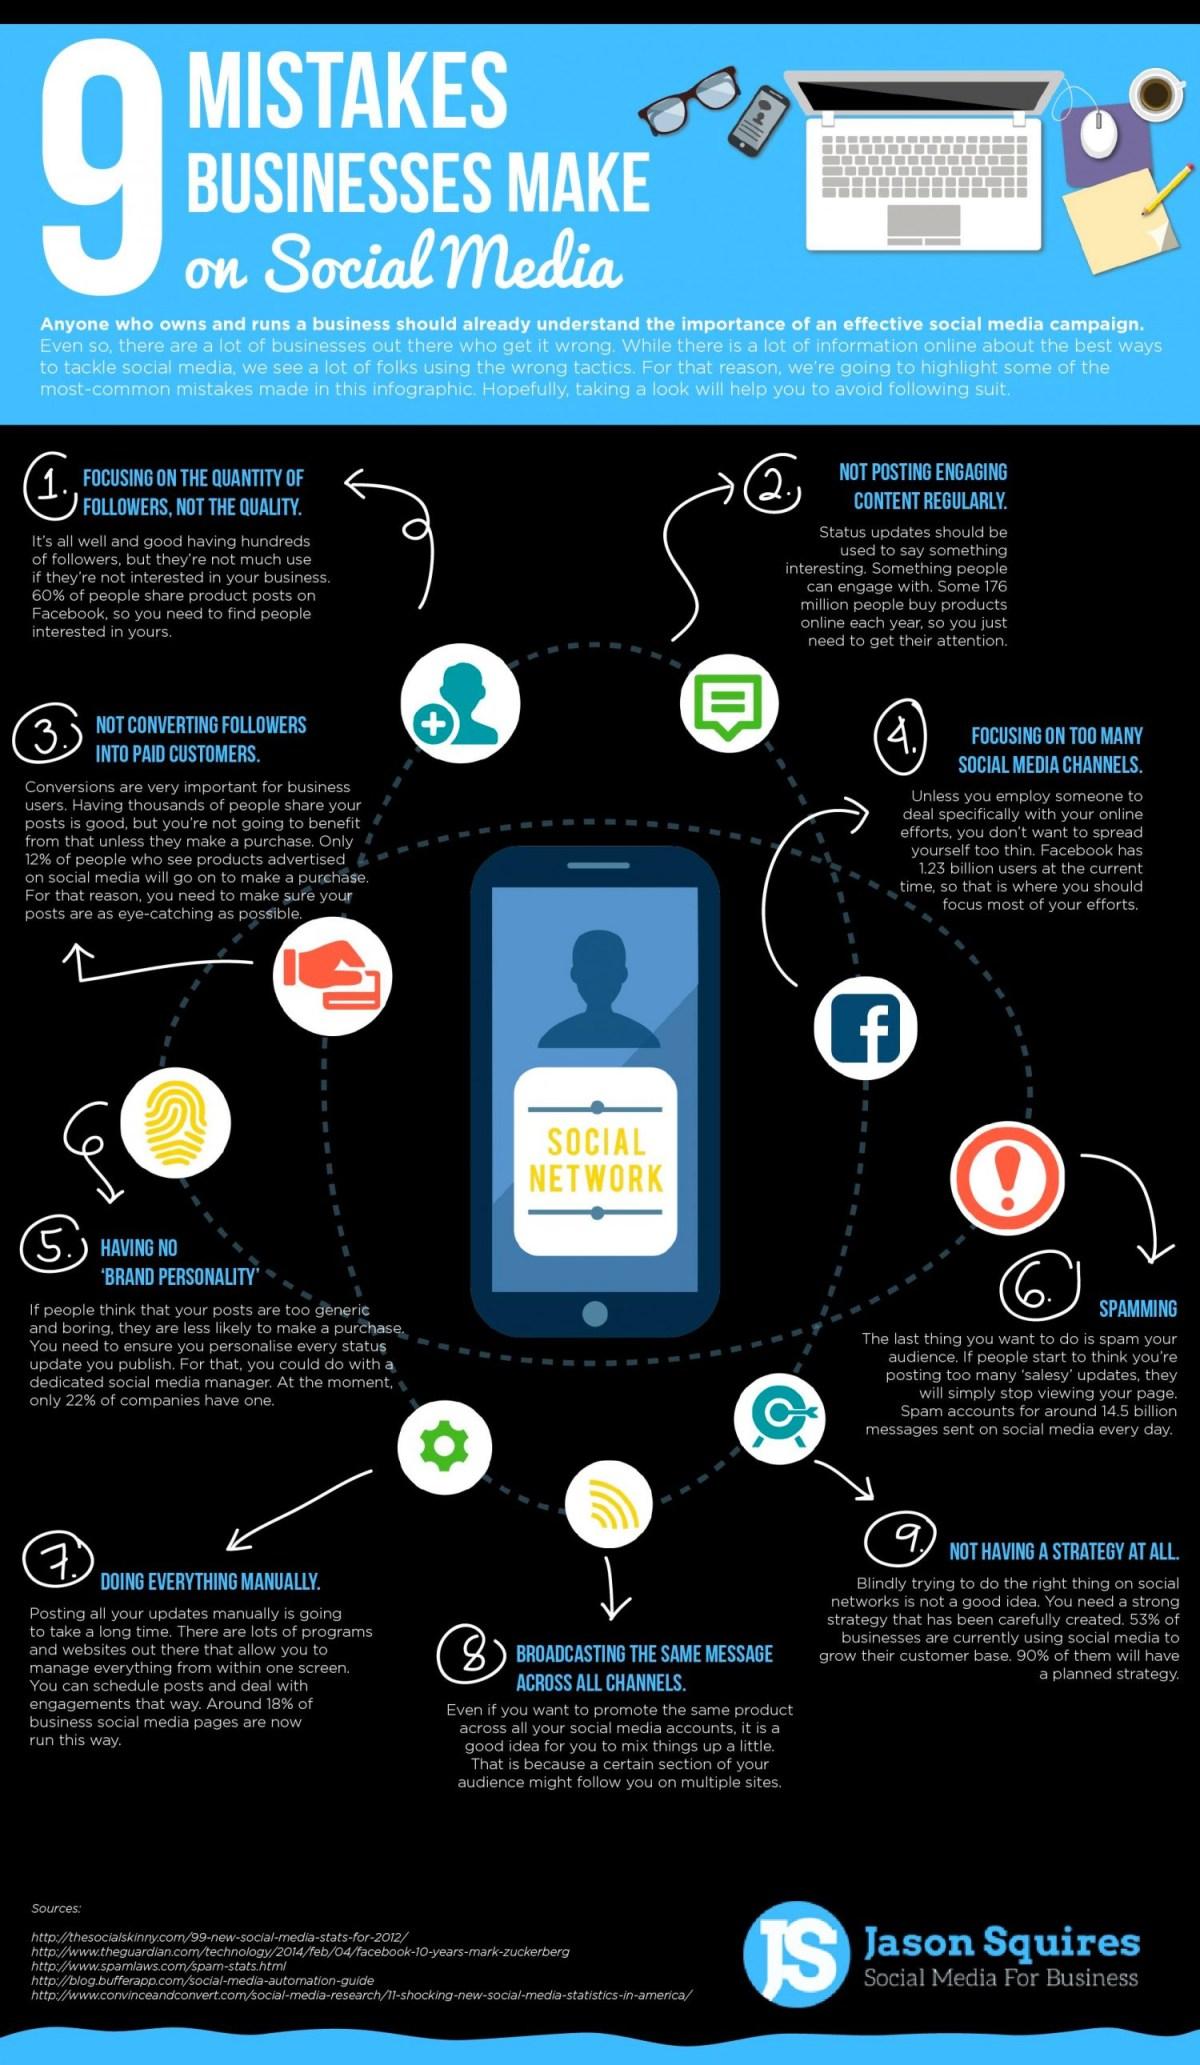 1415043050-9-mistakes-businesses-make-social-media-infographic.jpg